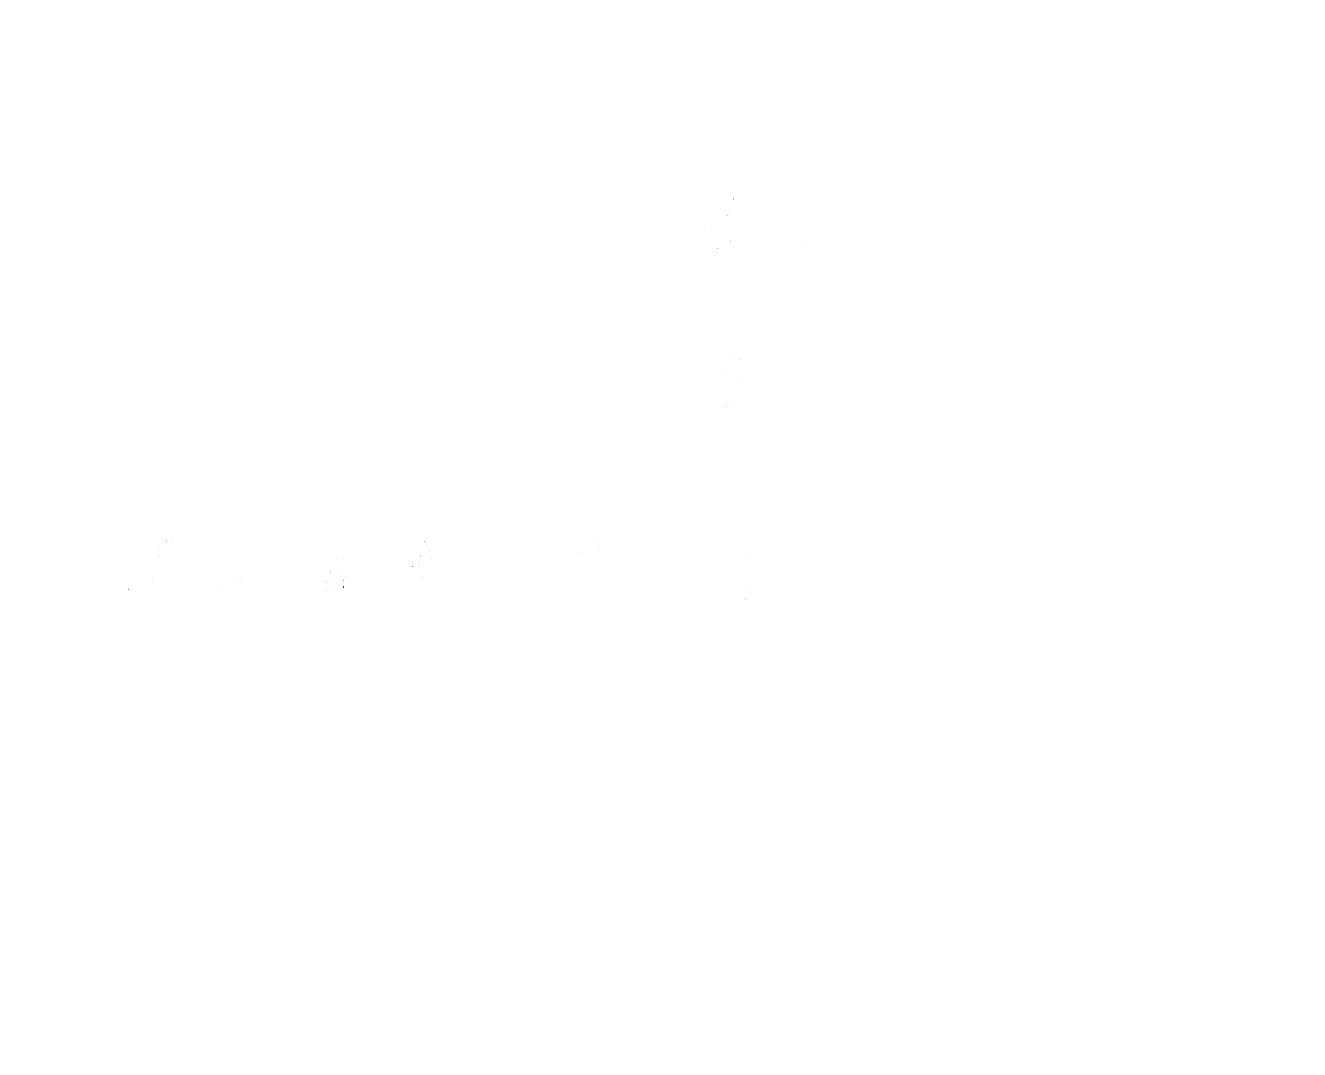 """Wie im Kreuzwort-Rätsel sind die Begriffe """"Klima"""" senkrecht und """"Social"""" waagerecht angeordnet. Sie überschneiden sich beim I."""